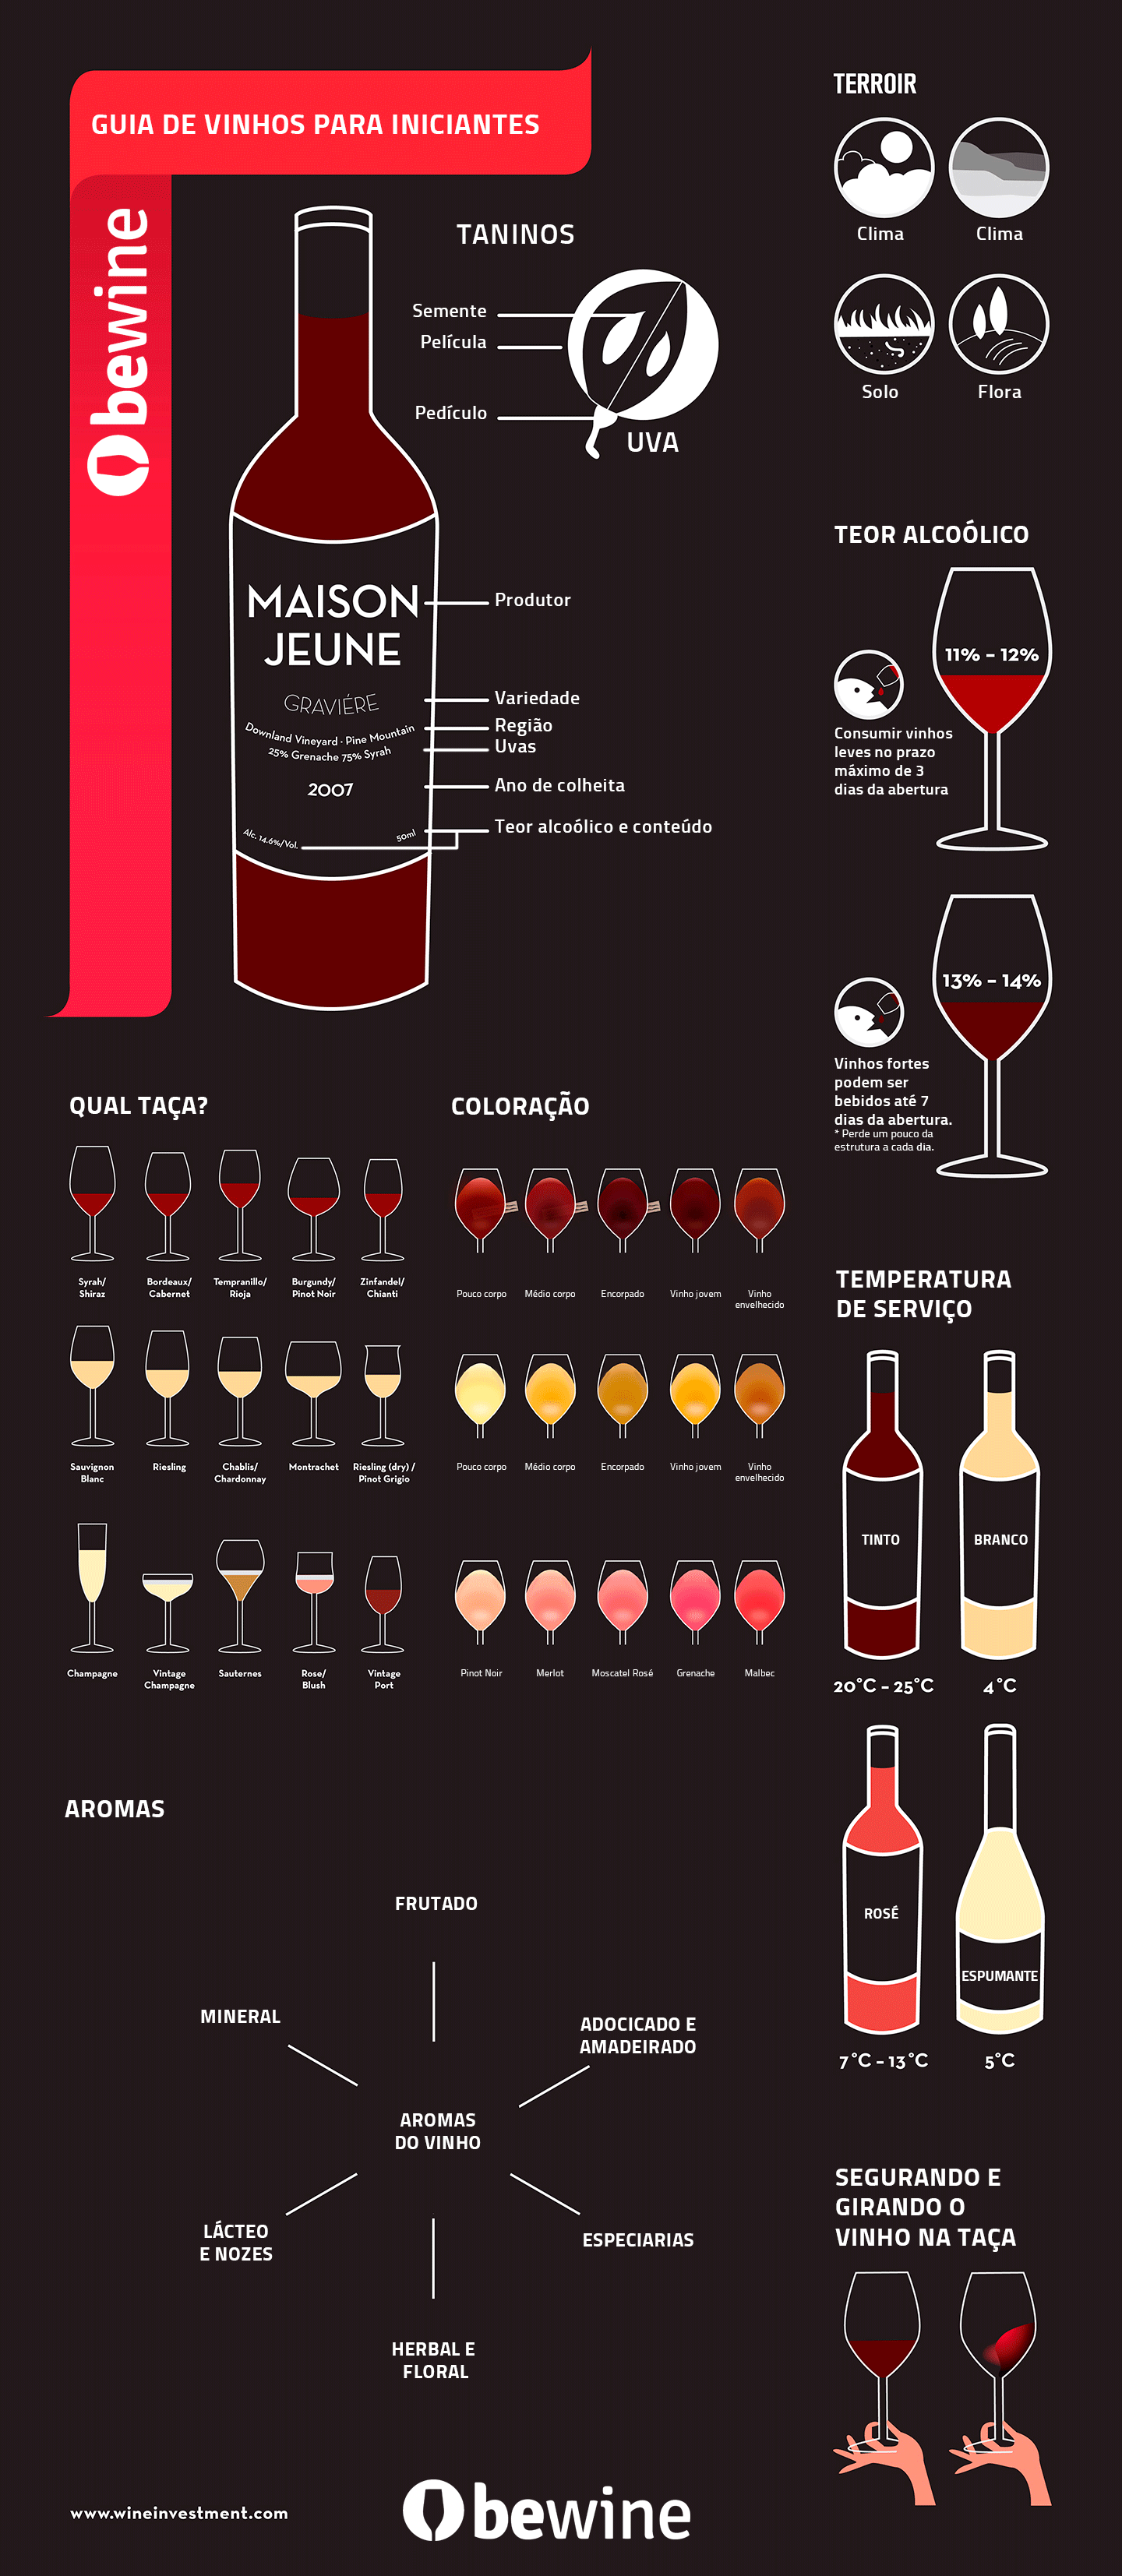 Guia básico de vinhos para iniciantes